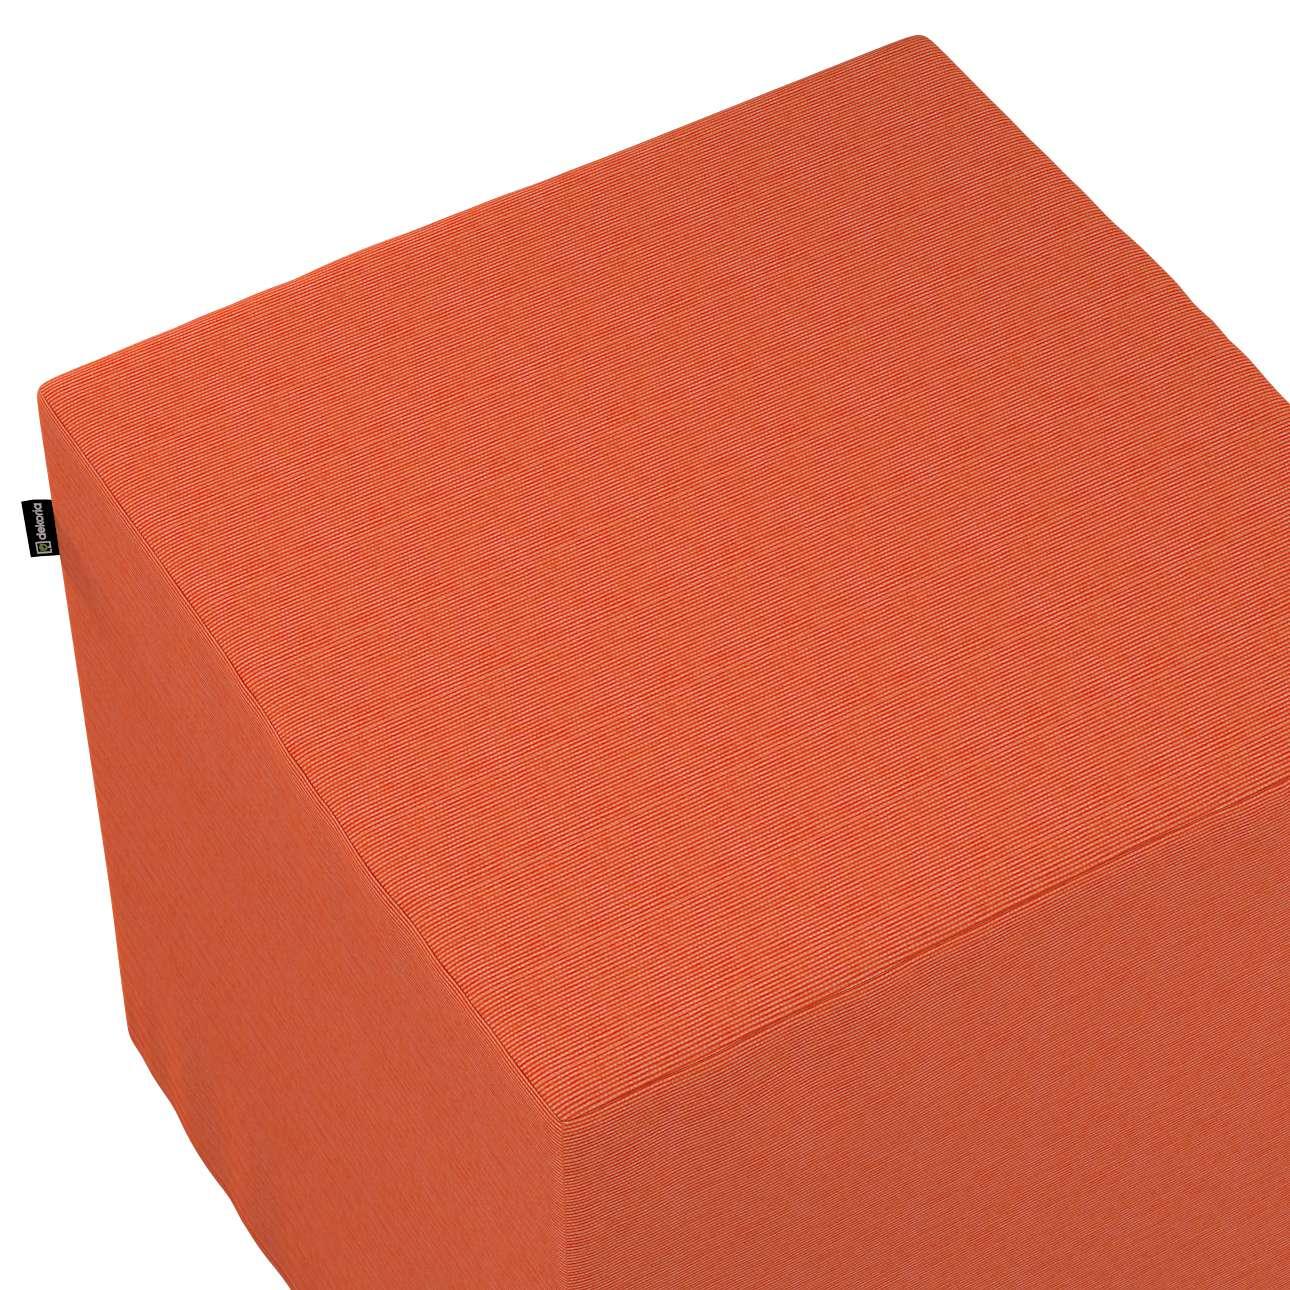 Taburetka tvrdá, kocka V kolekcii Jupiter, tkanina: 127-35